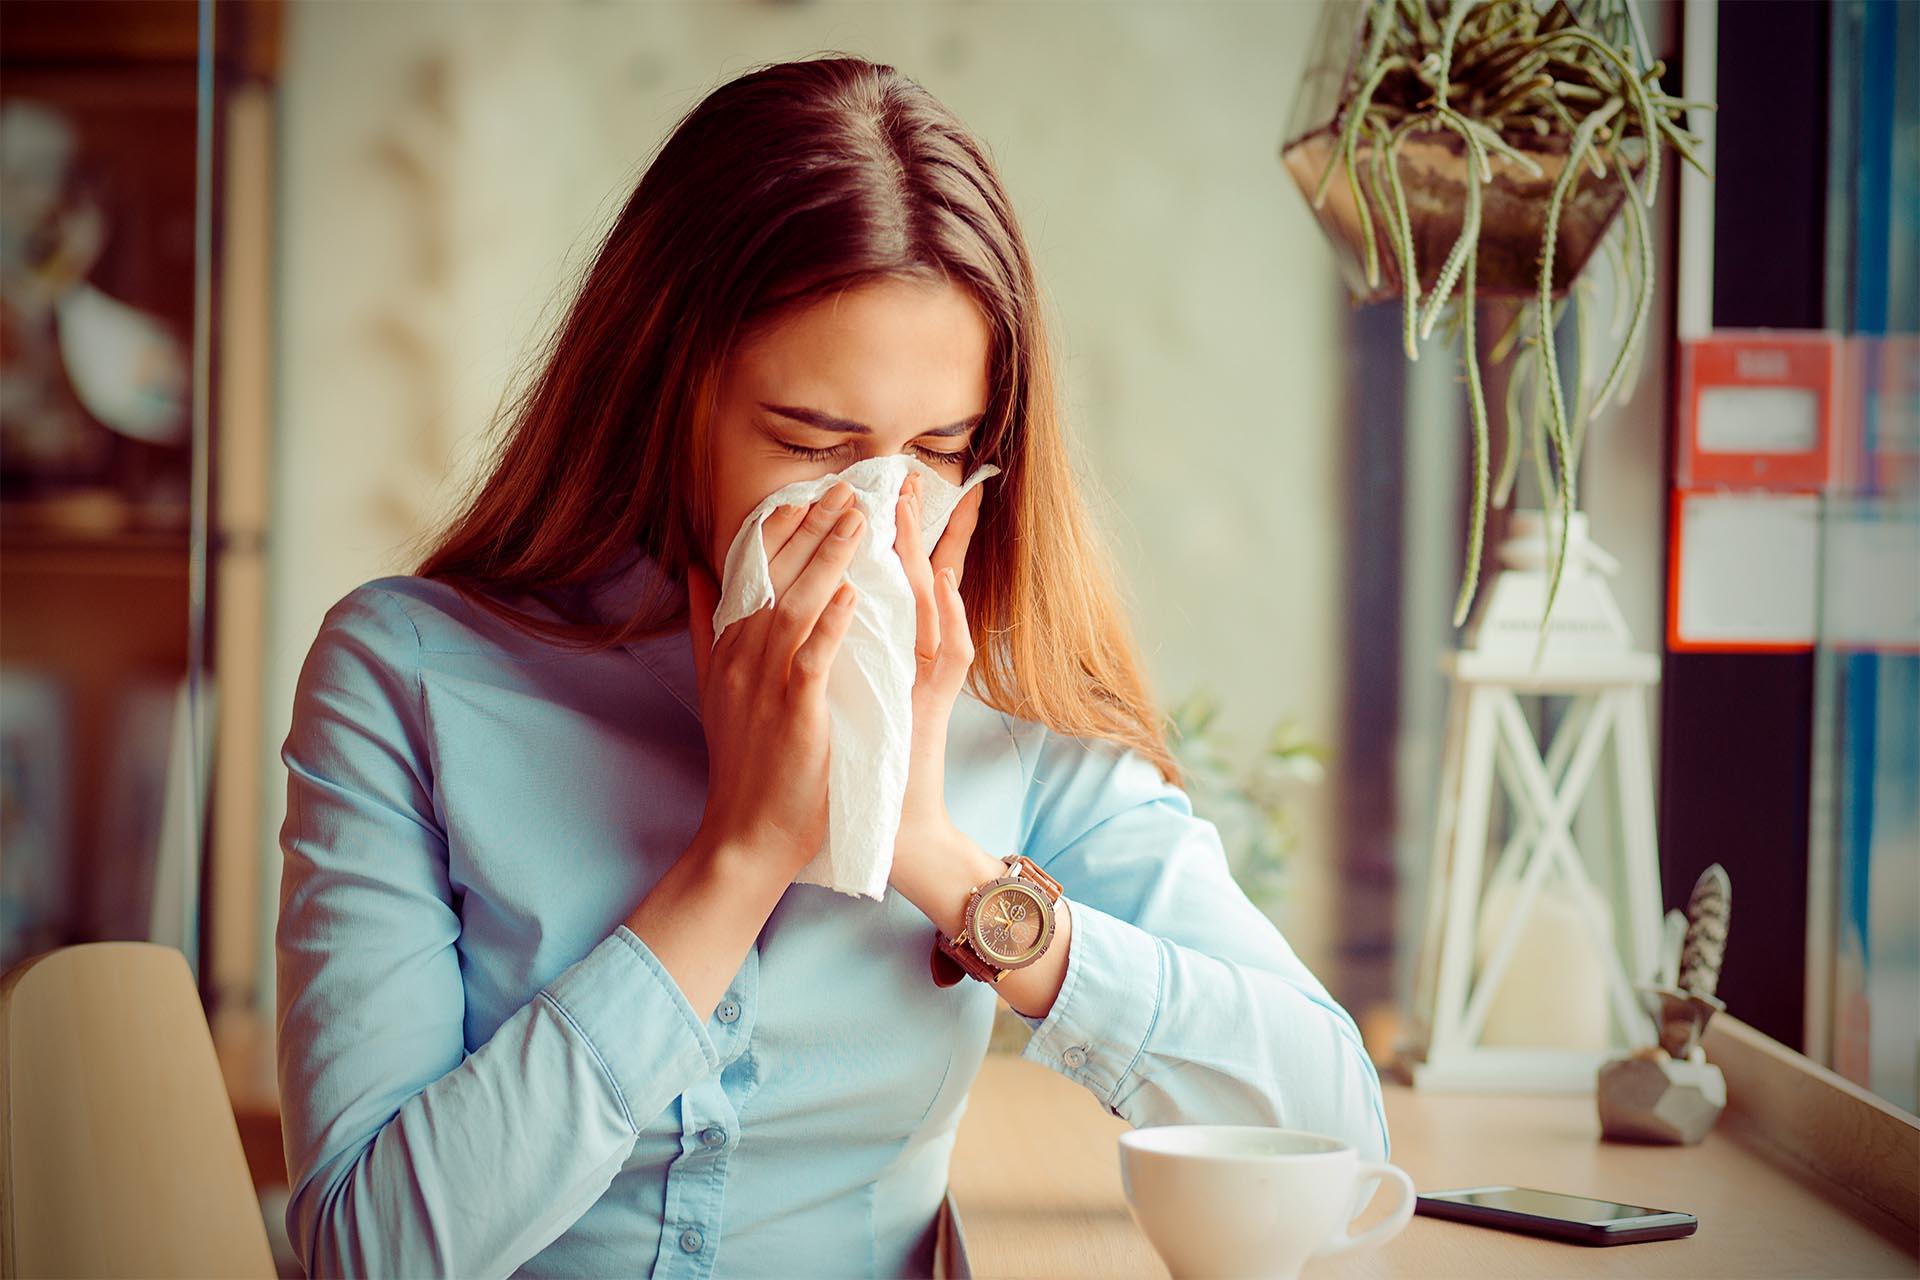 Gibt es eine kausale Lösung für die Behandlung von Allergien?